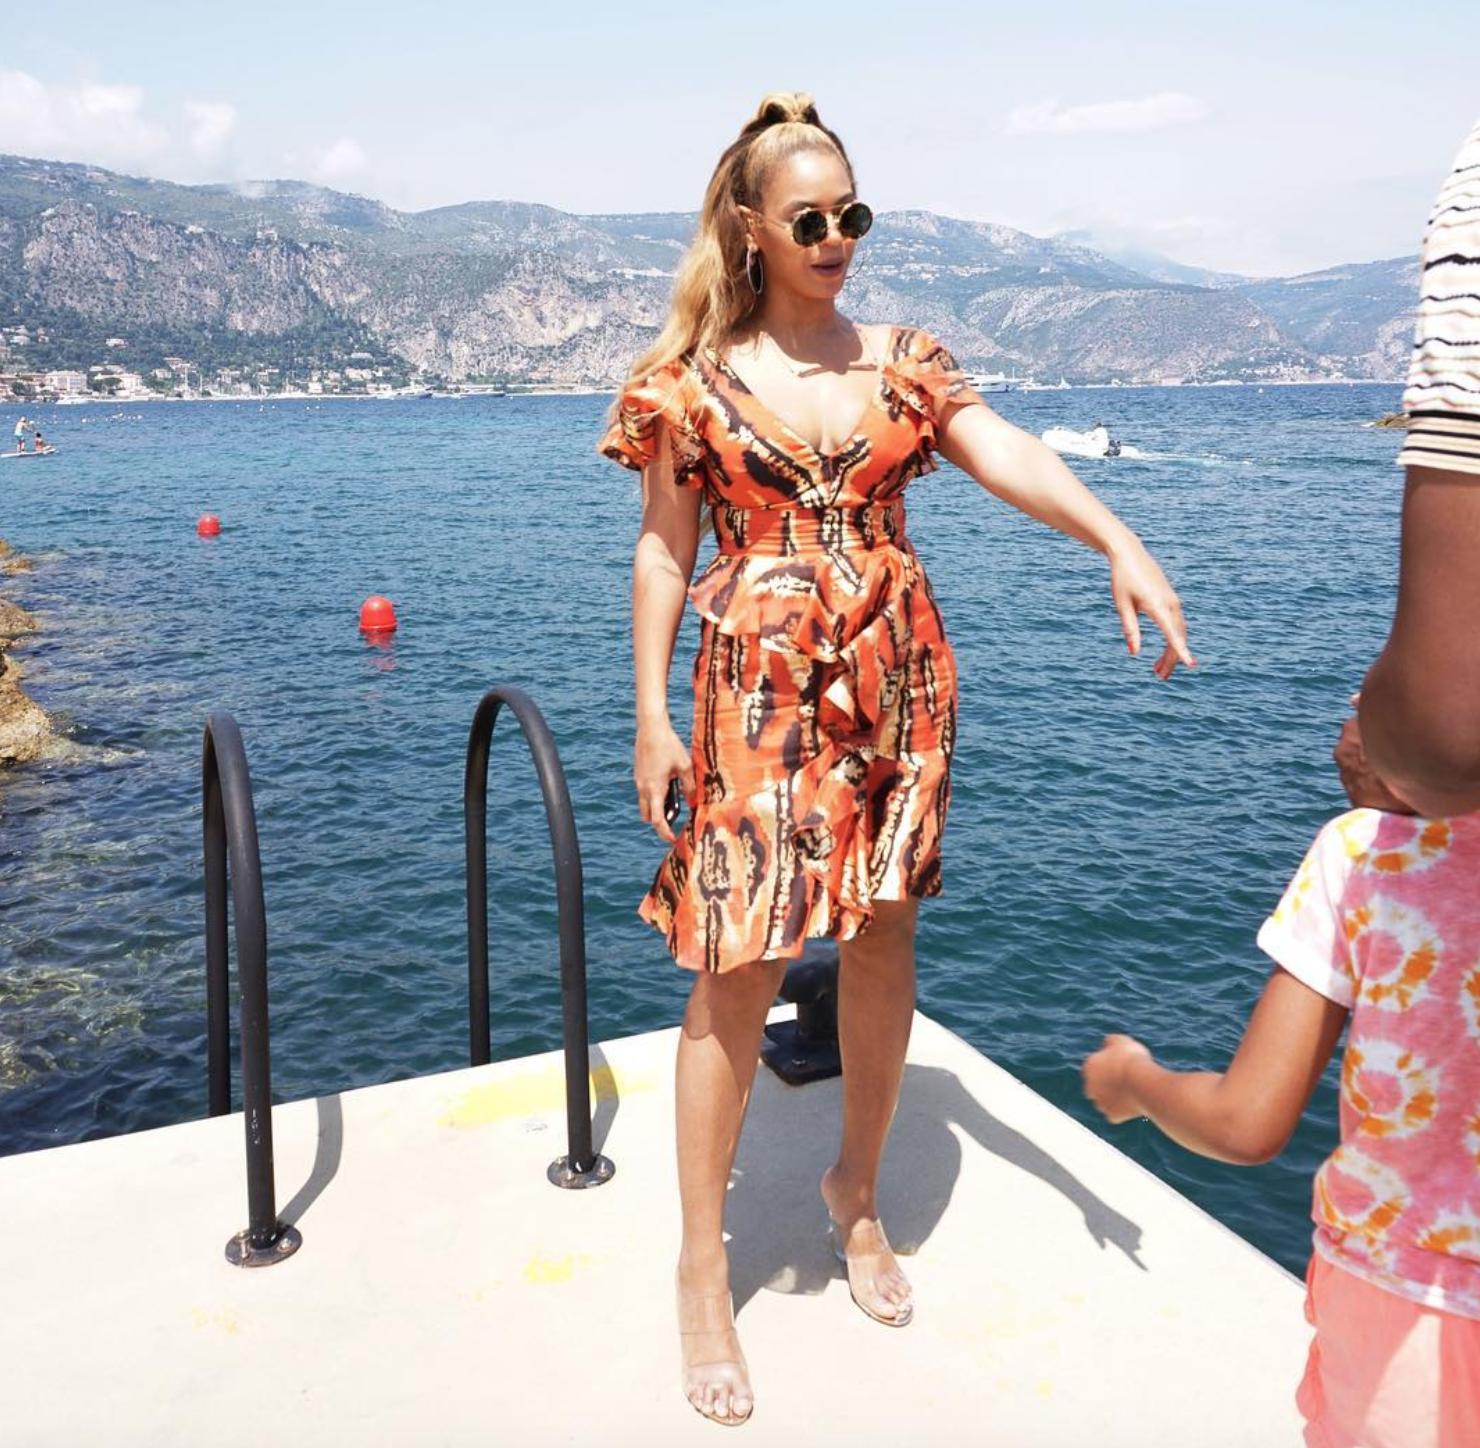 vacaciones de famosos en italia 13